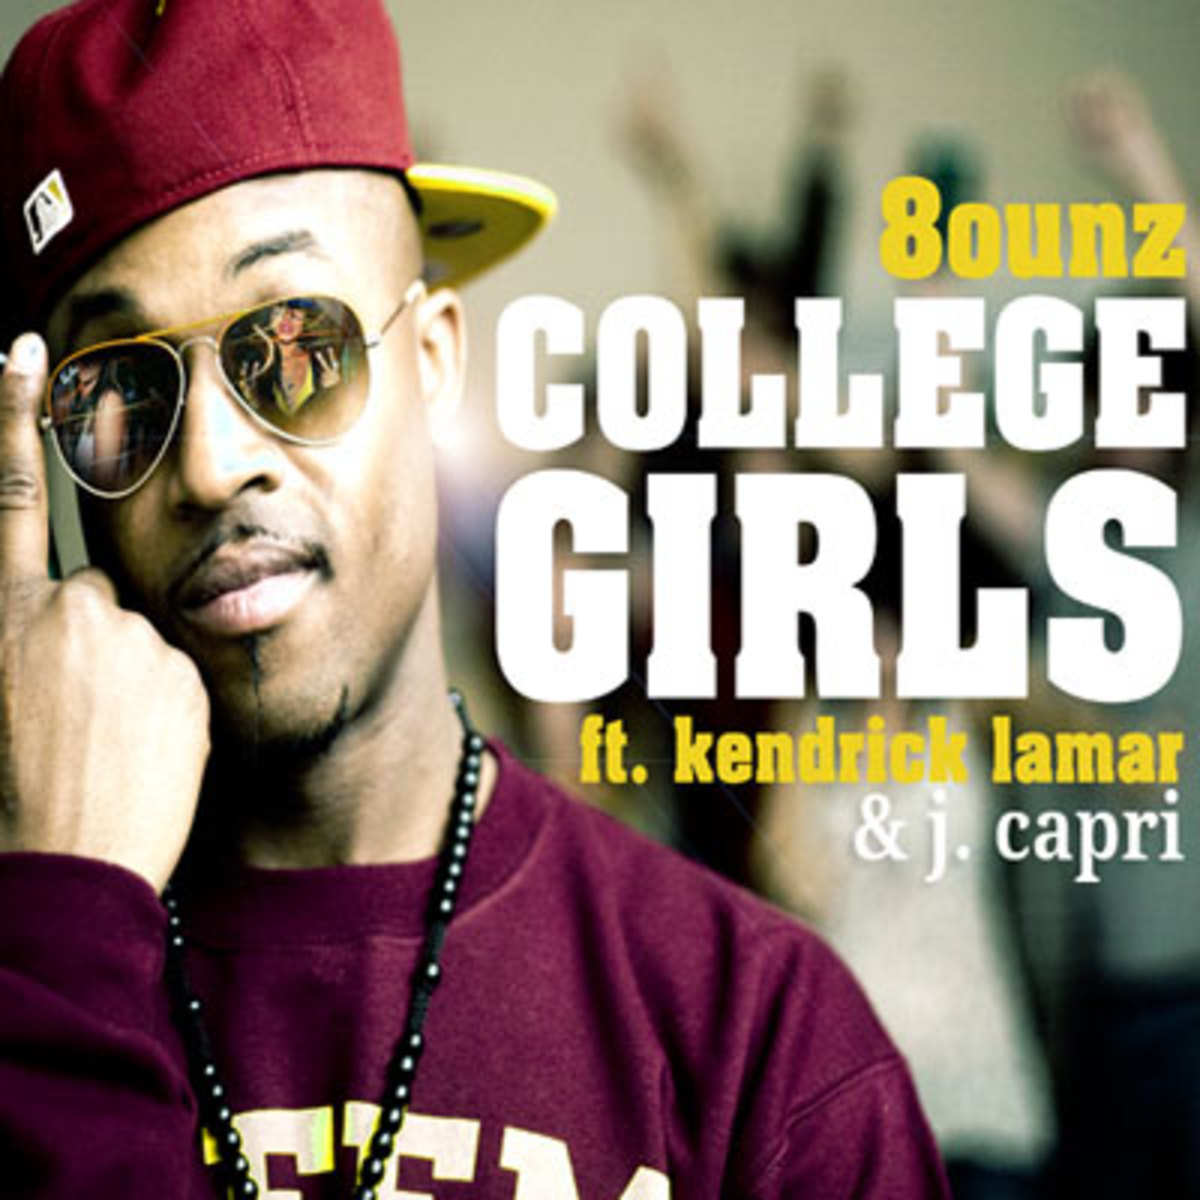 8ounz-collegegirlsrmx.jpg